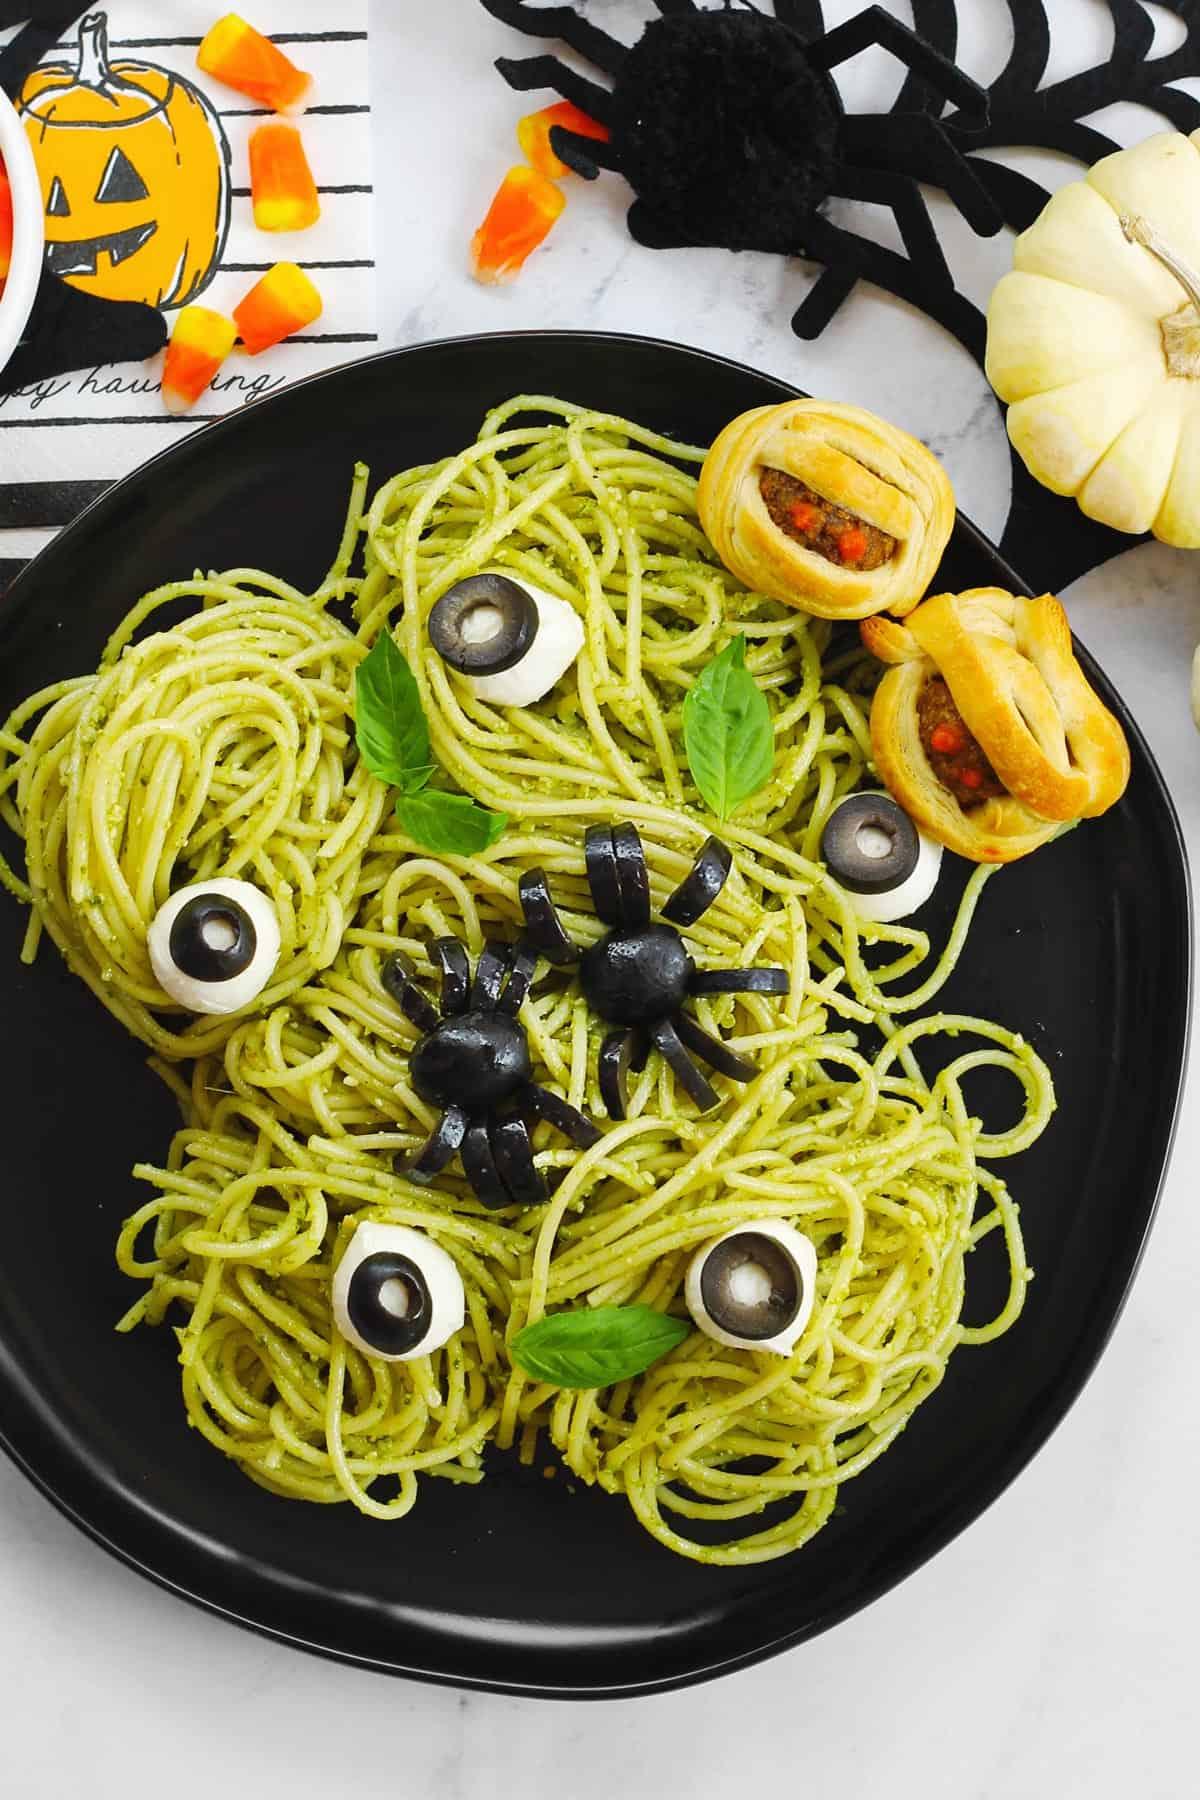 Spooky spaghetti halloween pasta